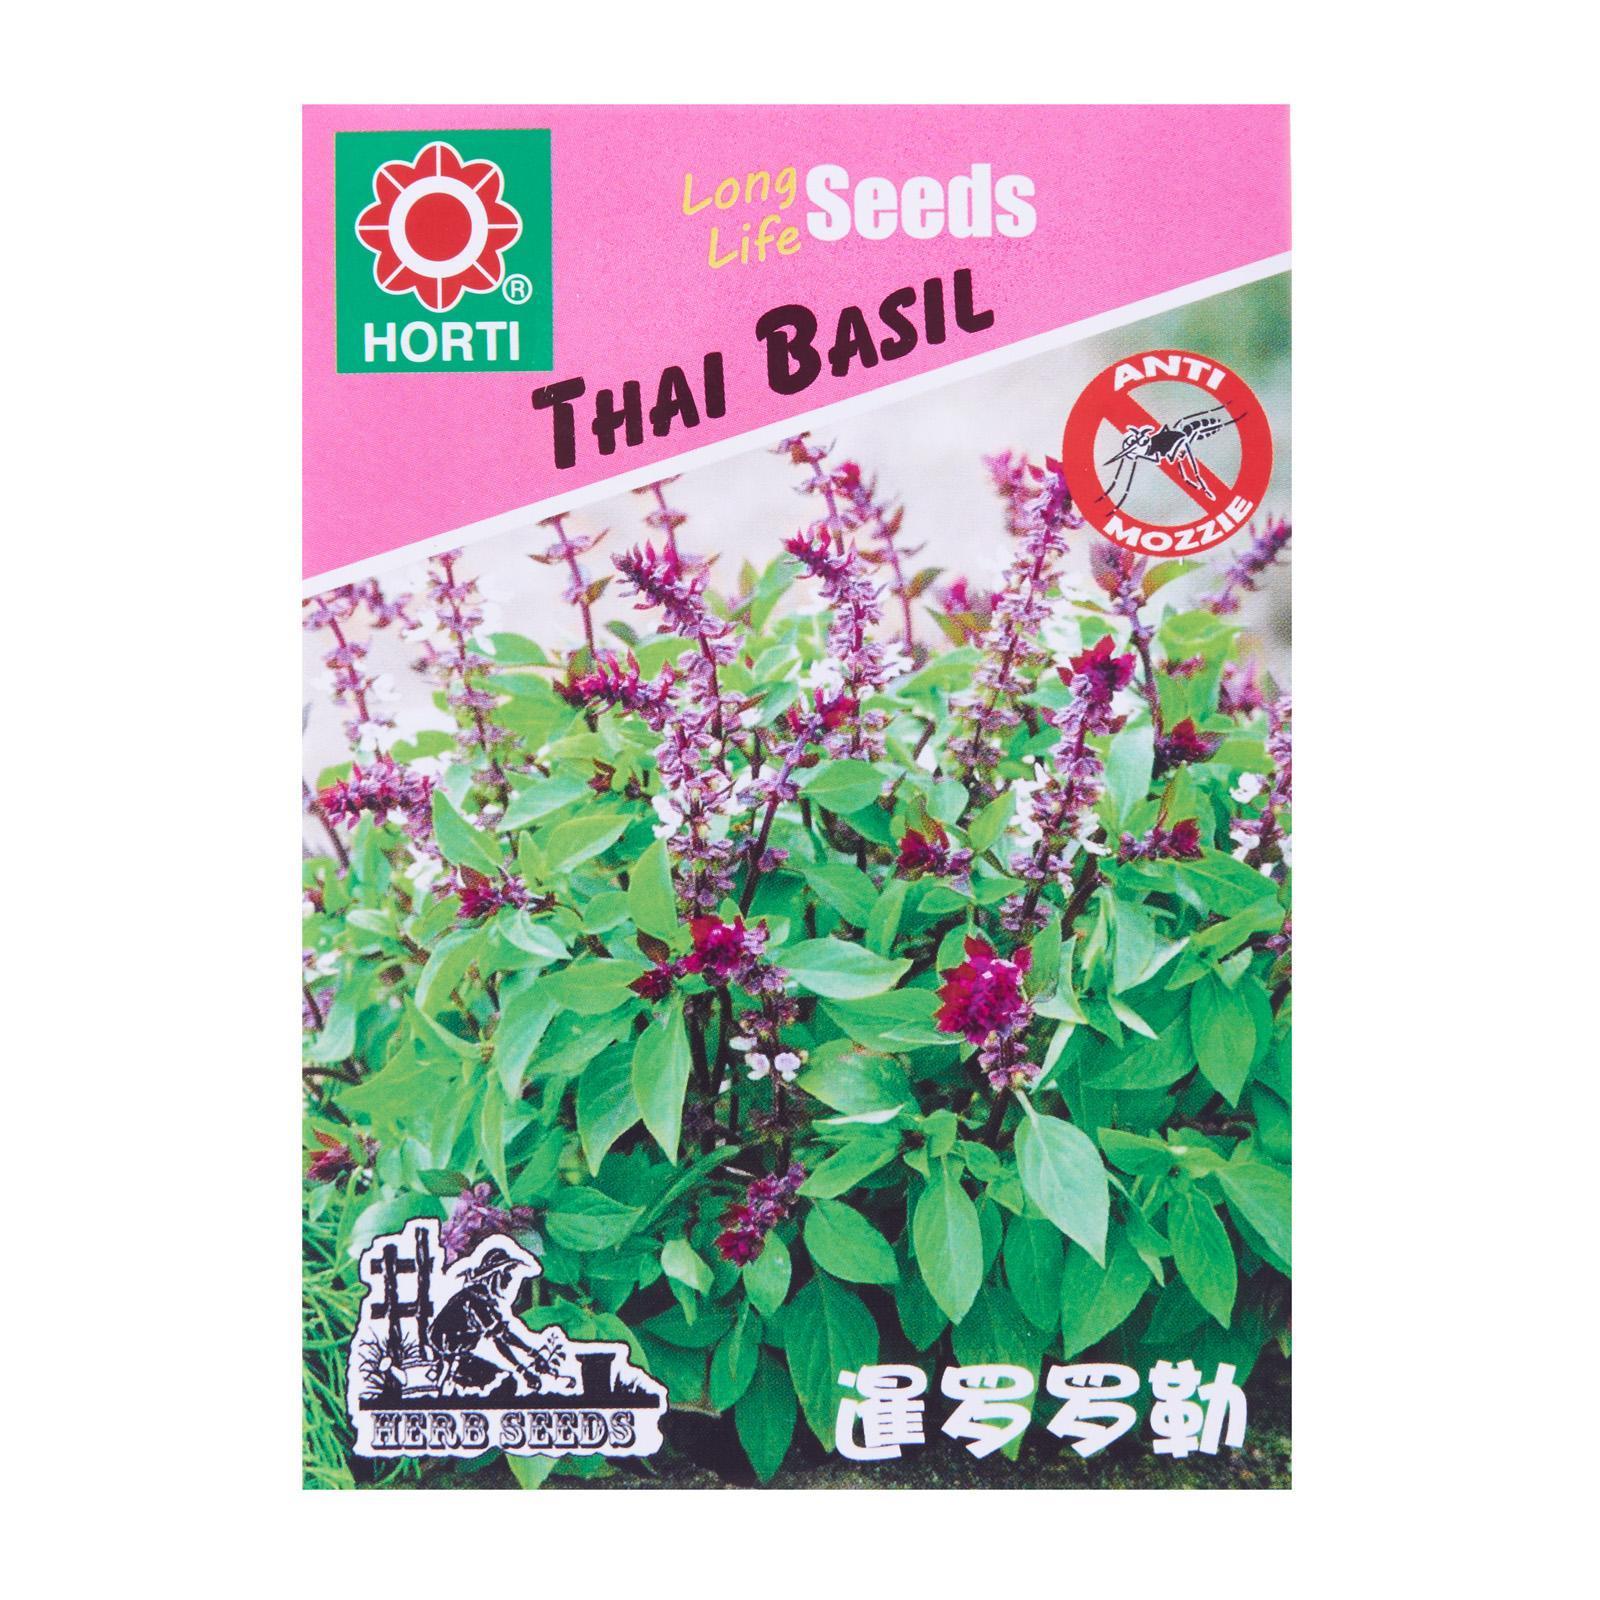 Horti Thai Basil Seeds